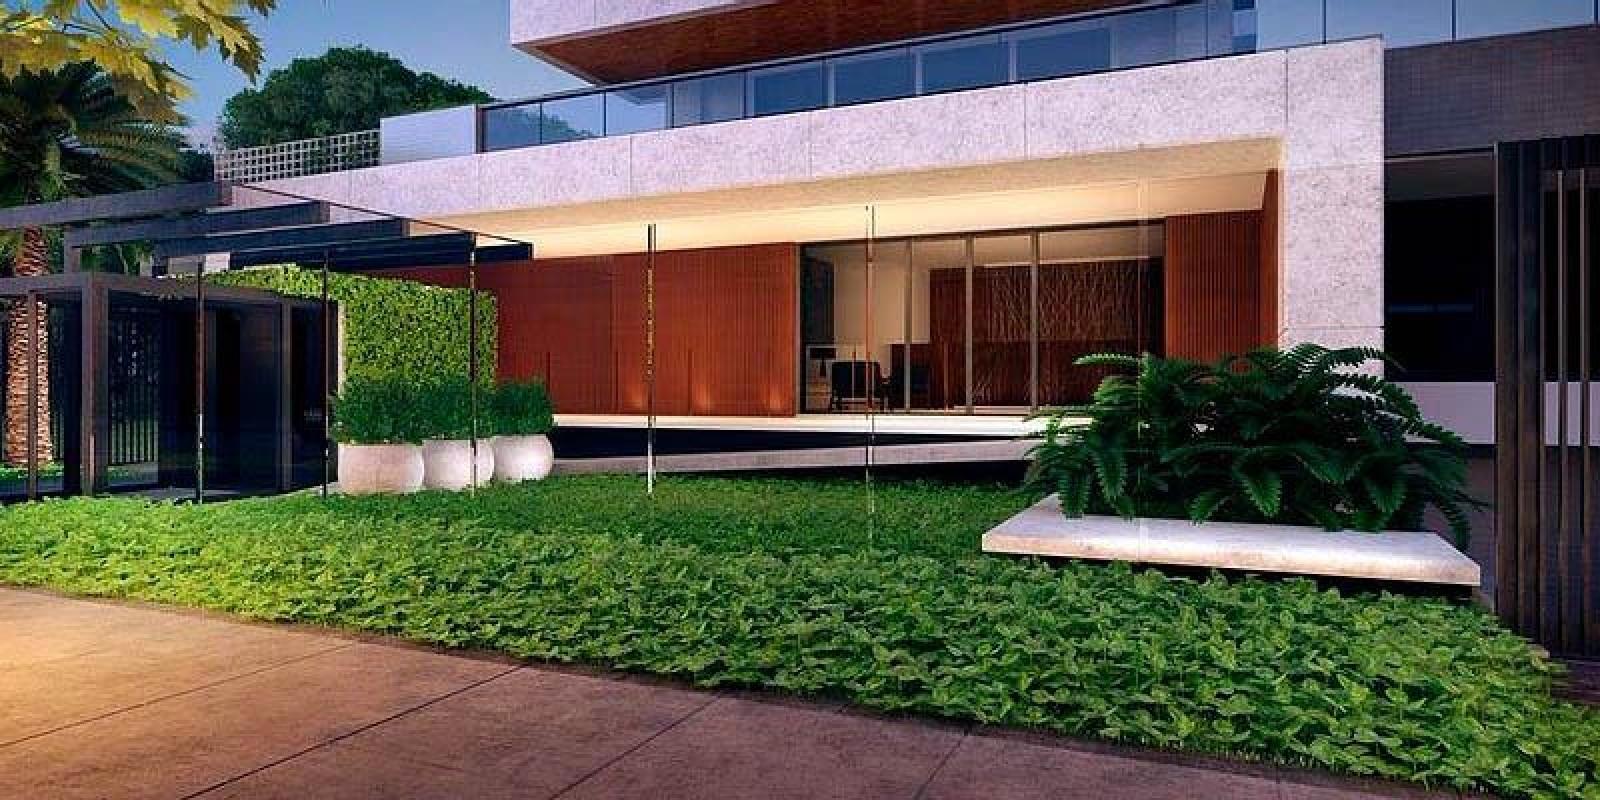 TPS Imóveis - Veja Foto 3 de 19 do 1 Apartamento por Andar em Frente ao Parcão